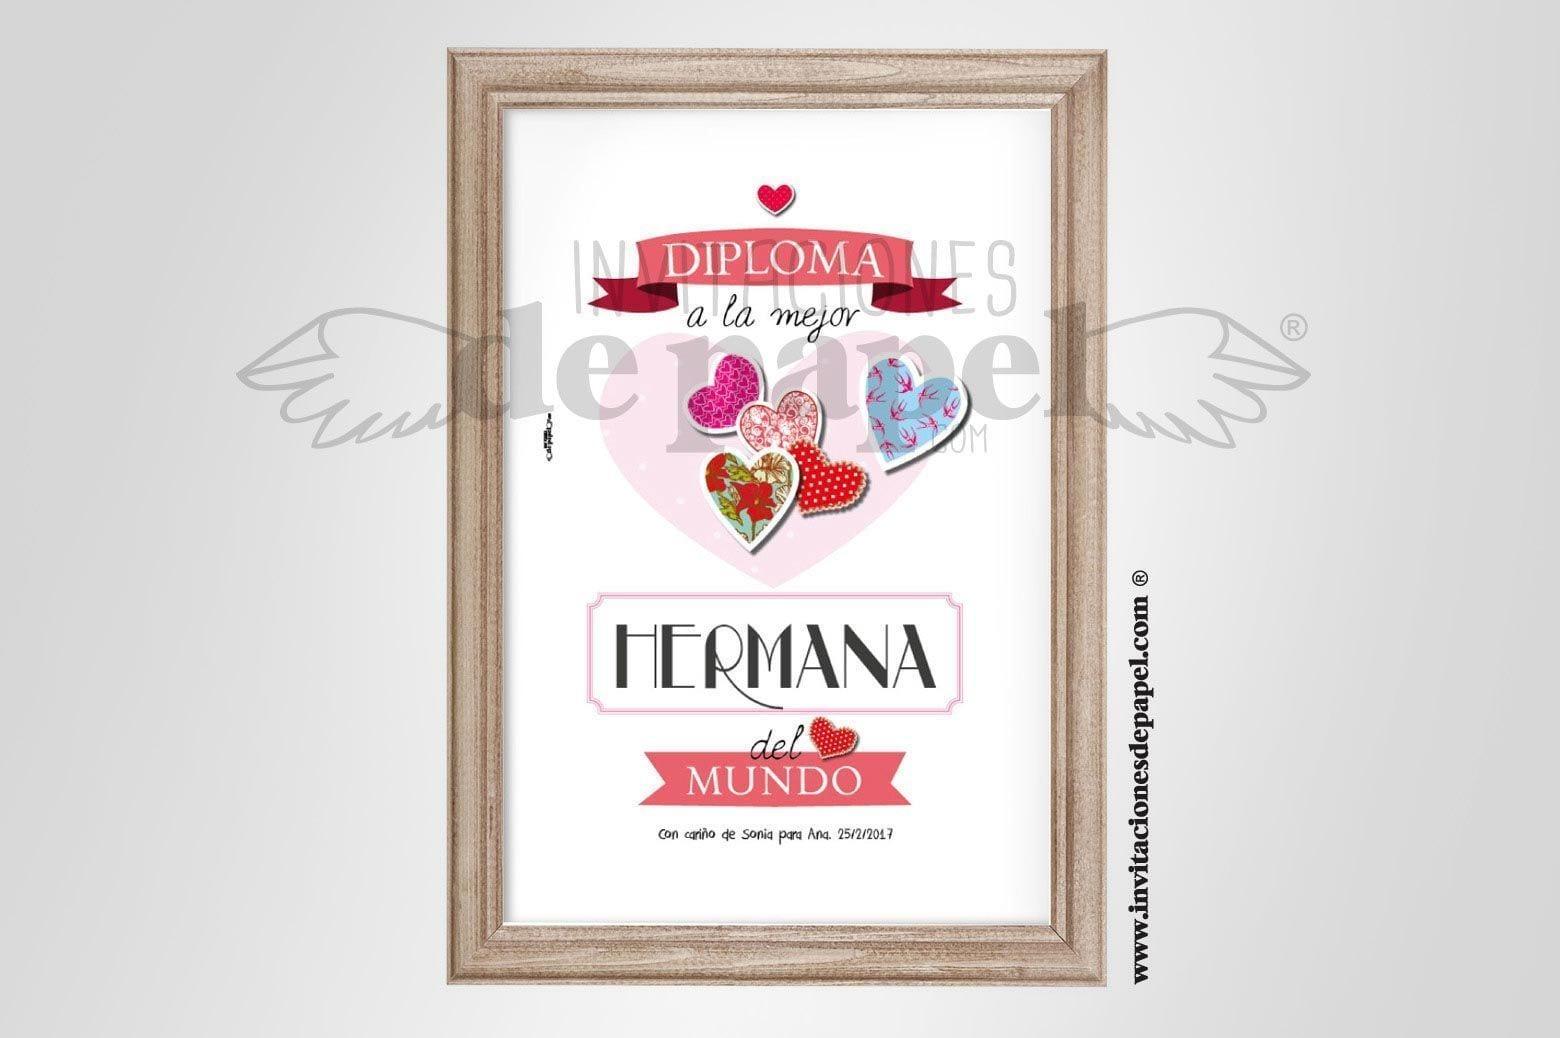 Laminas Personalizadas para Hermanas, Regalo Original tipo diploma